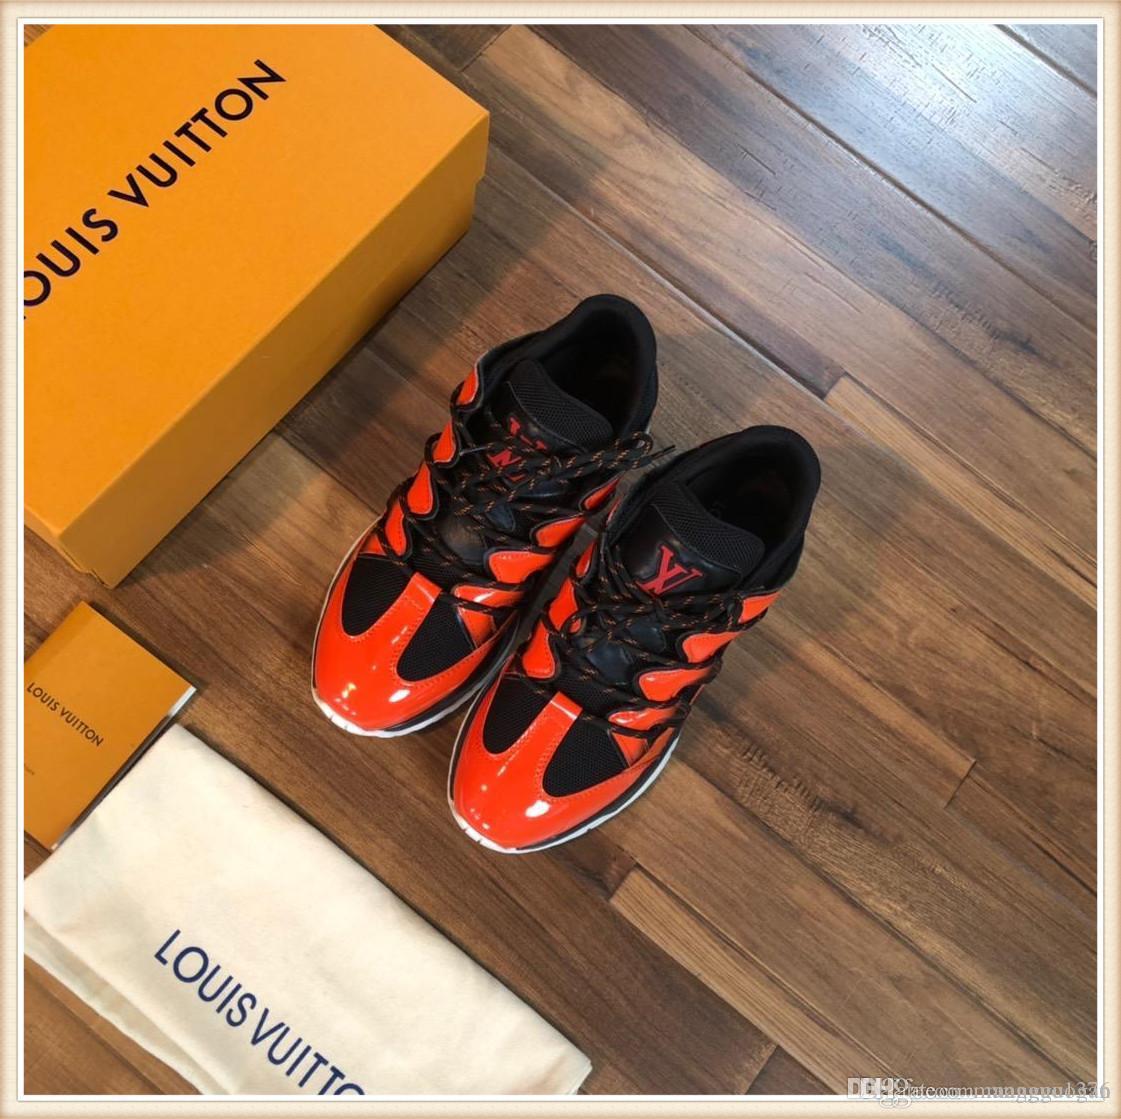 Sneaker Erkekler Ayakkabı Erkek Spor Rahat Ayakkabı için Düşük En Stil Vintage Lüks Moda Ayakkabılar Sonbahar ve Kış Açık Yürüyüş Dantel-up